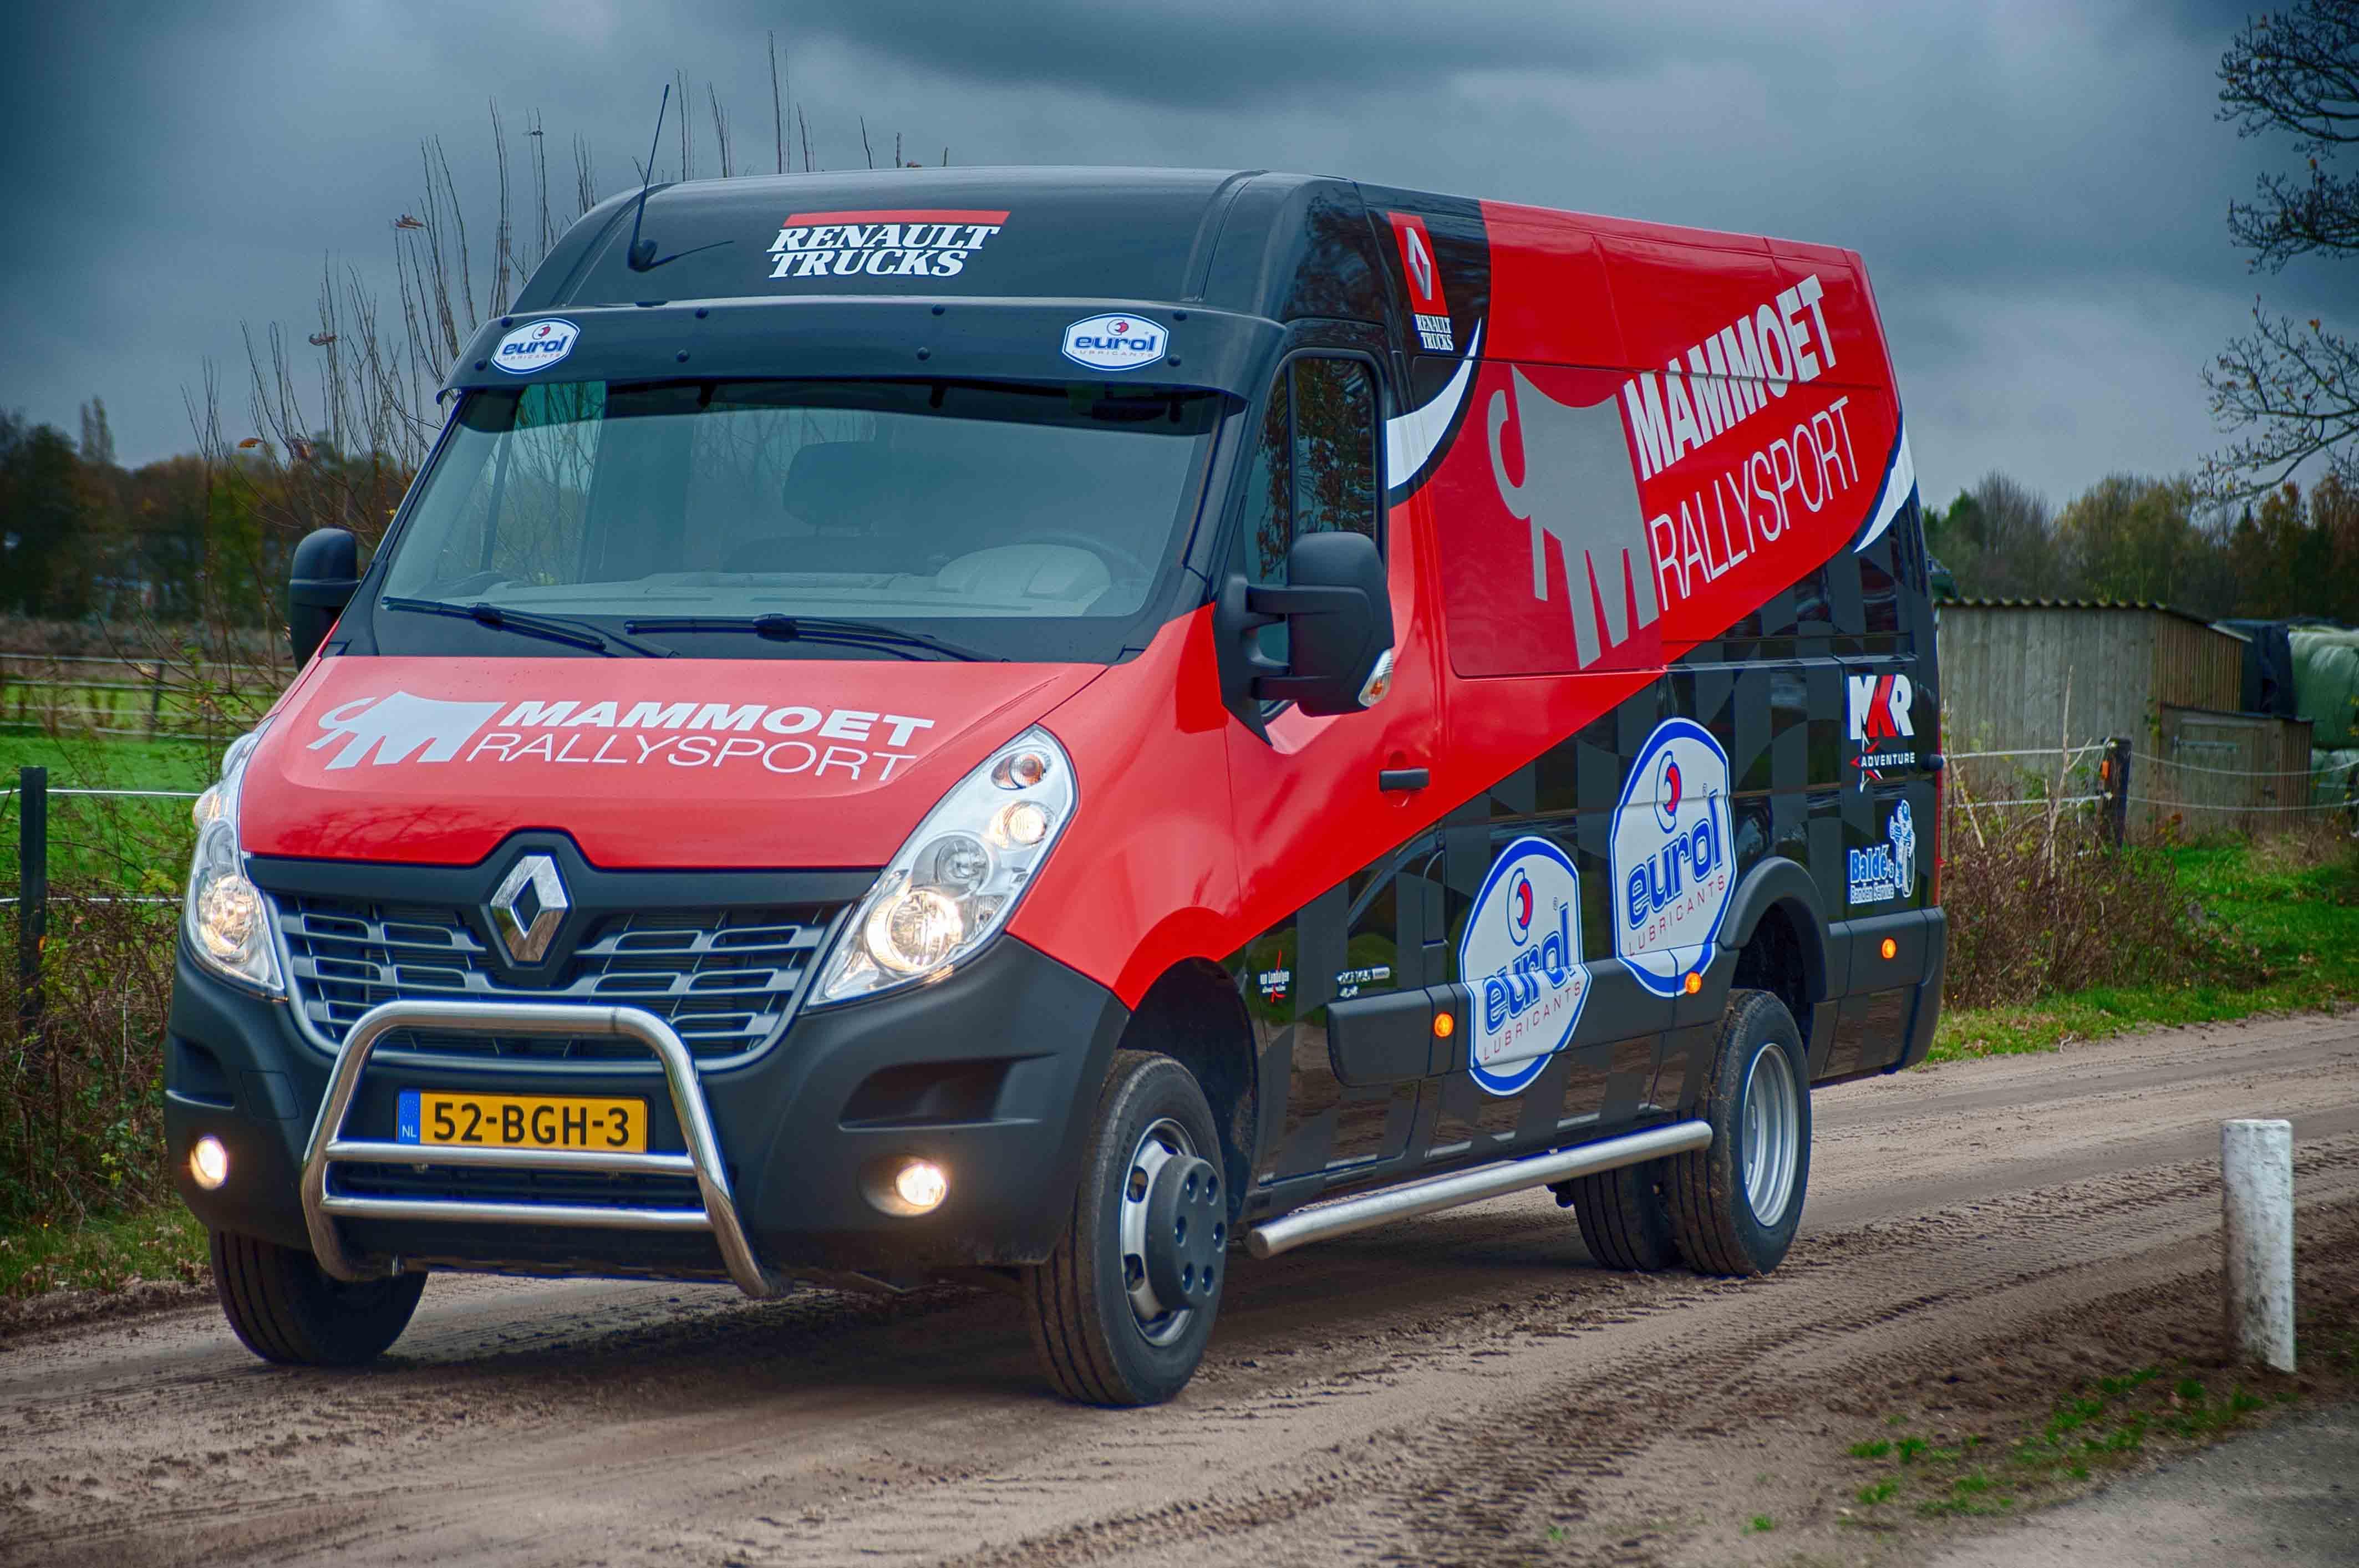 Renault Master 4x4 voor Mammoet Rallysport • TTM.nl